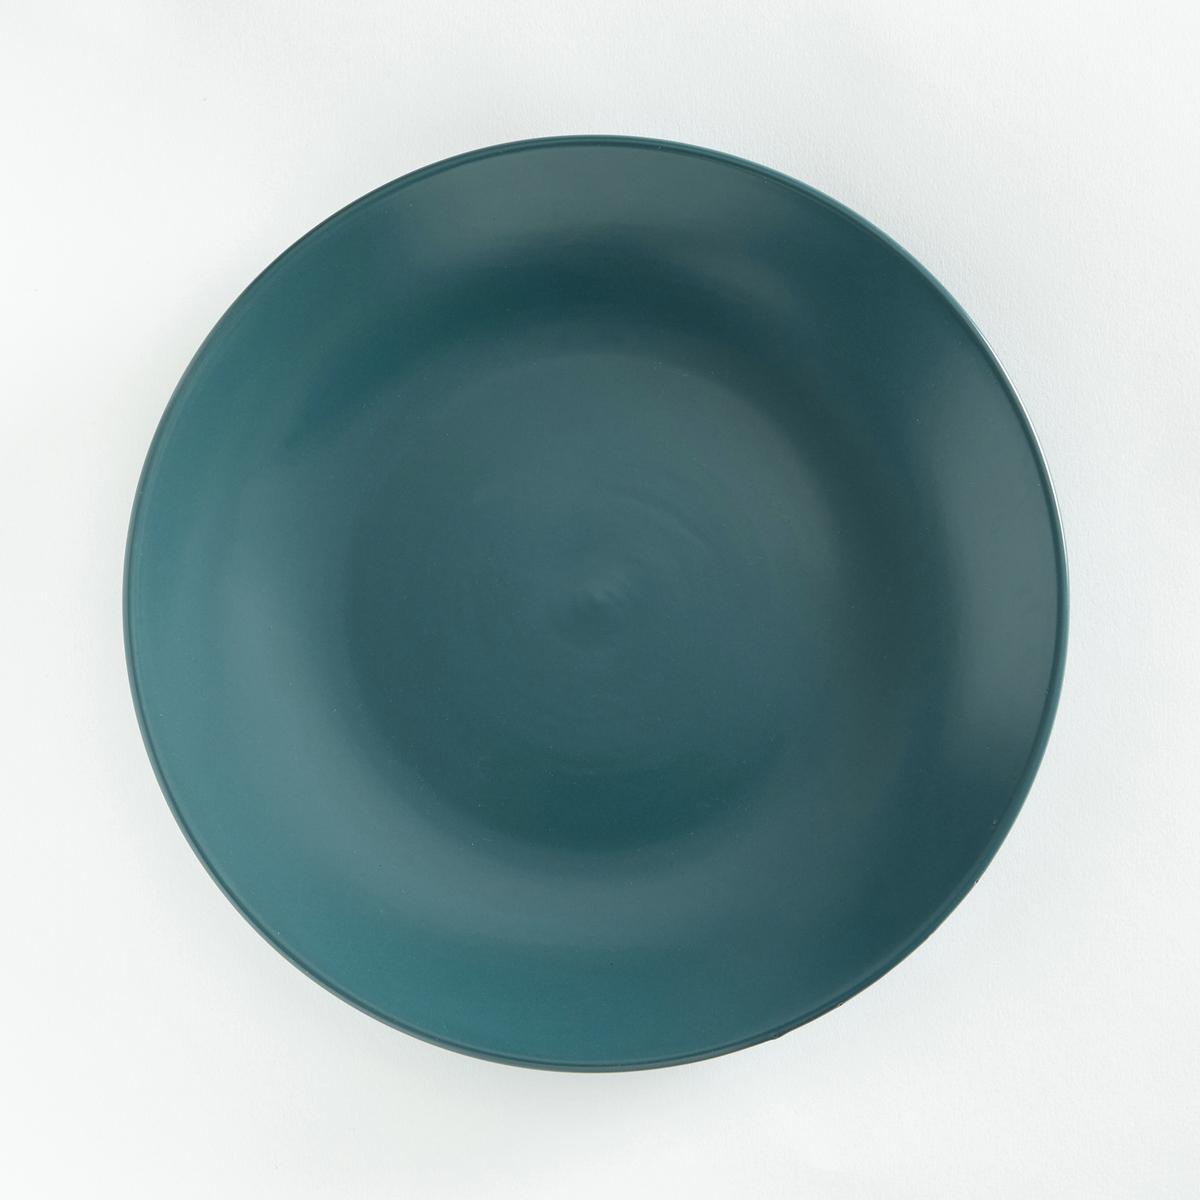 Комплект из 4 мелких тарелок из фаянса с матовой отделкой, M?lya4 мелкие тарелки из фаянса с матовой отделкой M?lya. Завтрак, обед или ужин, La Redoute Int?rieurs Вас приглашает к столу.Характеристики 4 мелких тарелок из фаянса с матовой отделкой M?lya :- Из фаянса с матовой отделкой  .- Диаметр 26,7 см  .- Можно использовать в посудомоечных машинах и микроволновых печах.Десертные и глубокие тарелки M?lya представлены на сайте laredoute.ru<br><br>Цвет: антрацит,бледно-зеленый,горчичный,сине-зеленый<br>Размер: единый размер